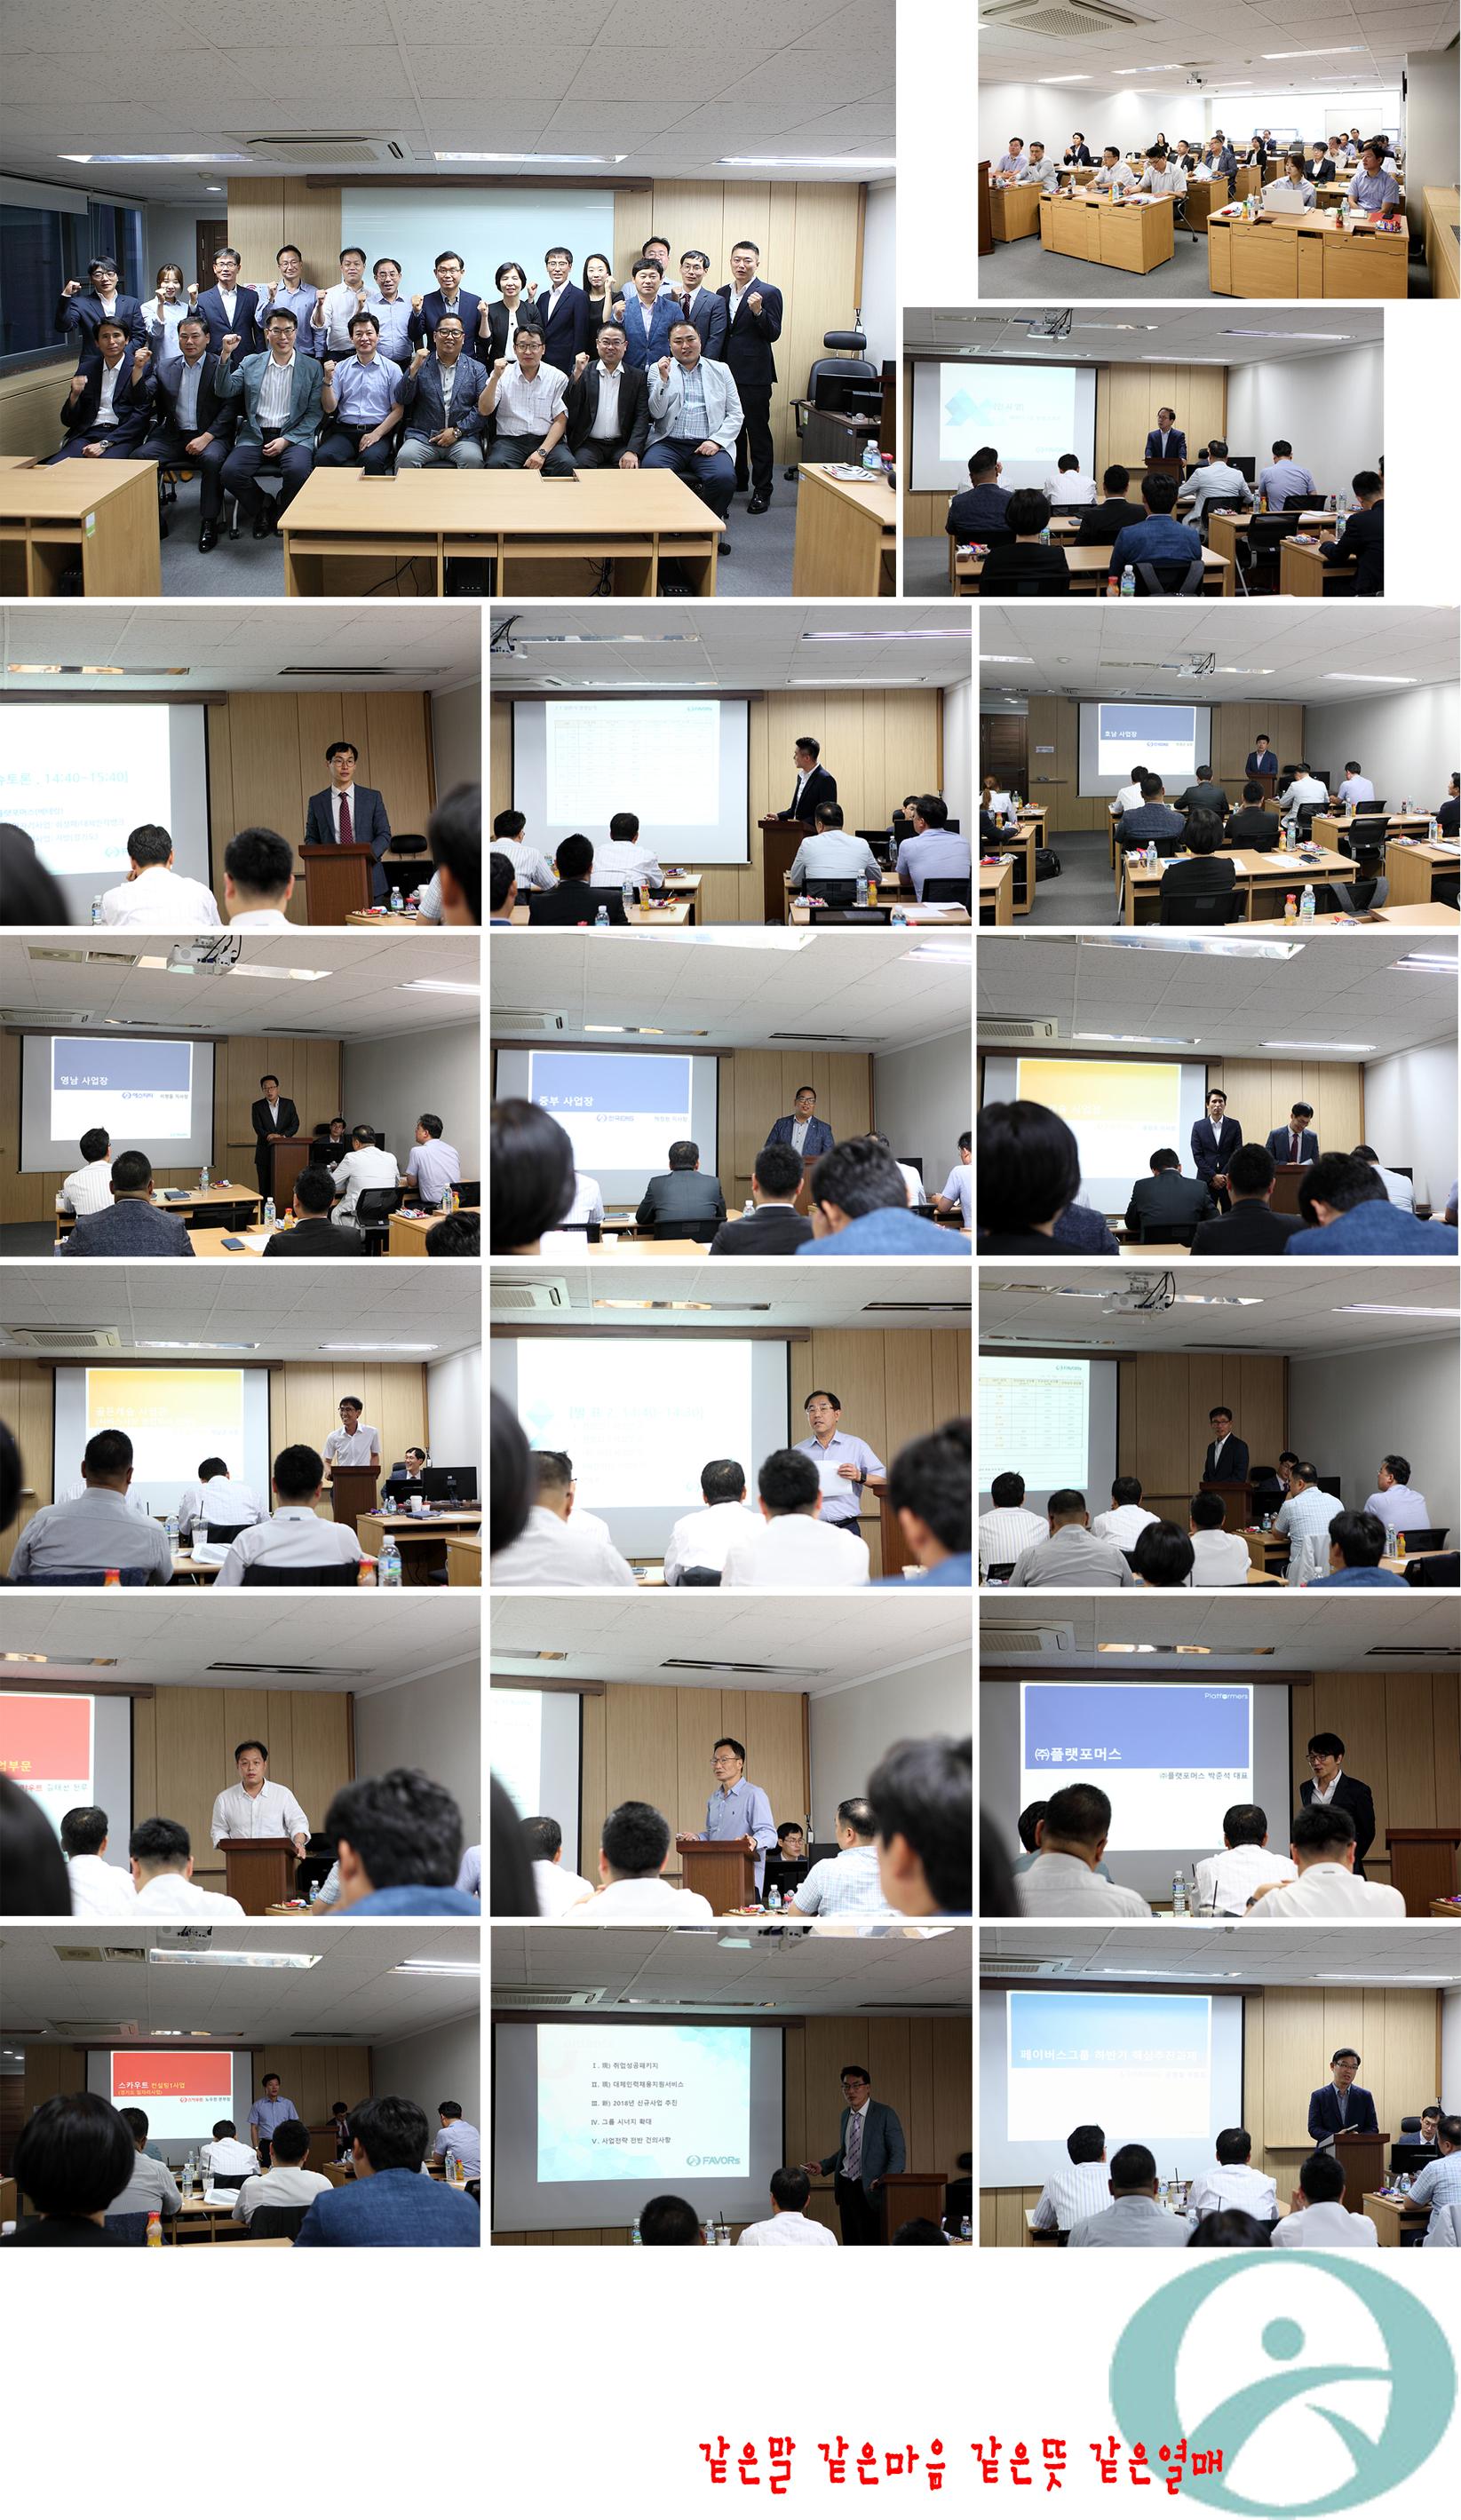 [2017.07.05] 2017년 상반기 사업전략회의